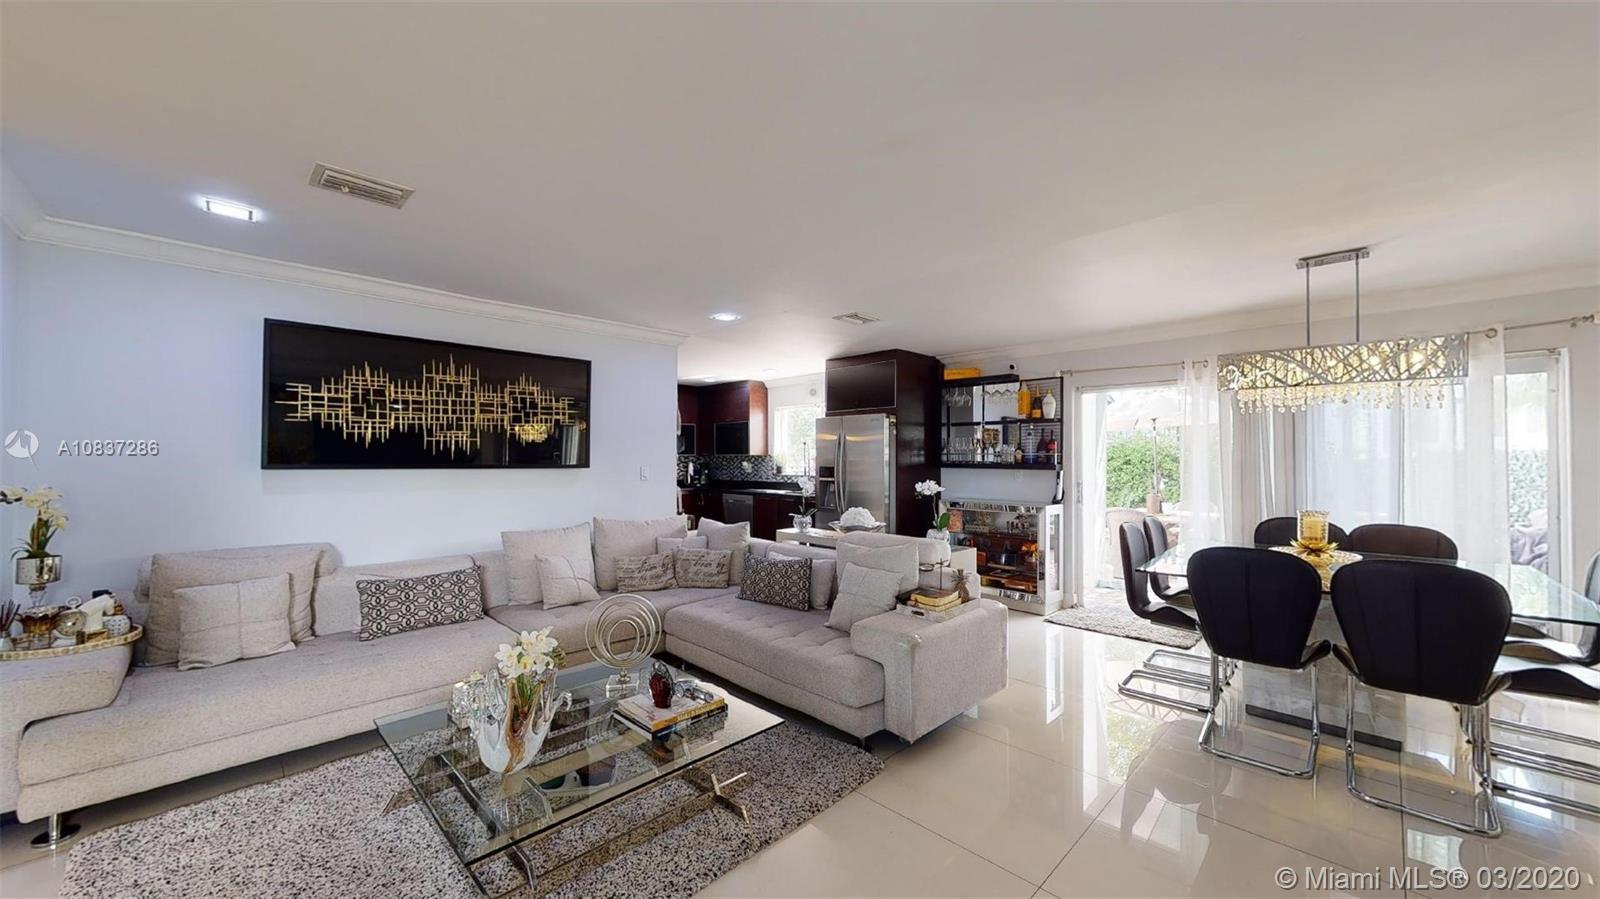 370 NE 213th St, Miami, FL 33179 - Miami, FL real estate listing